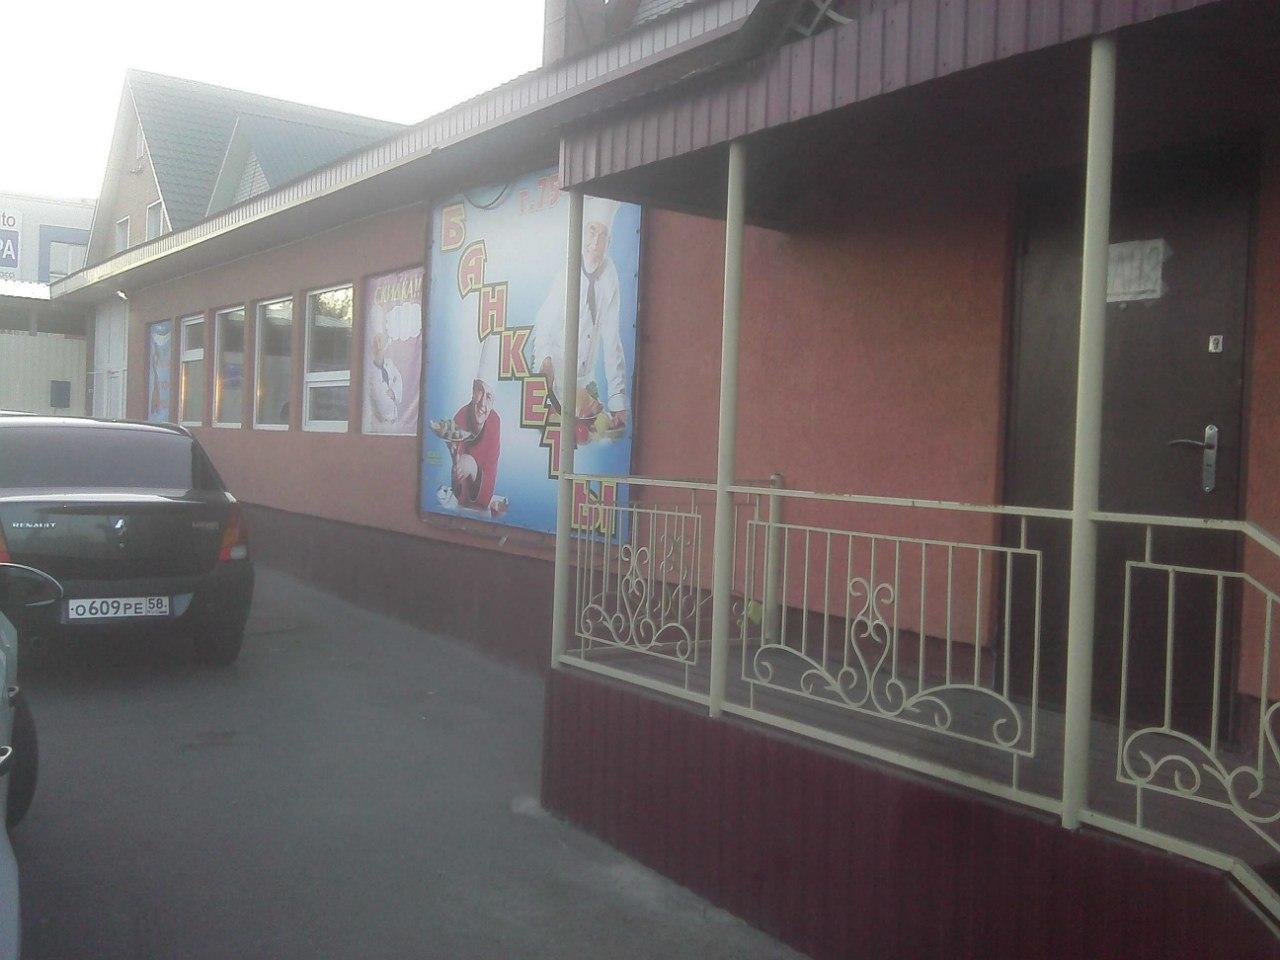 Сауна Умет в Пензе, описание, фотографии, цены.